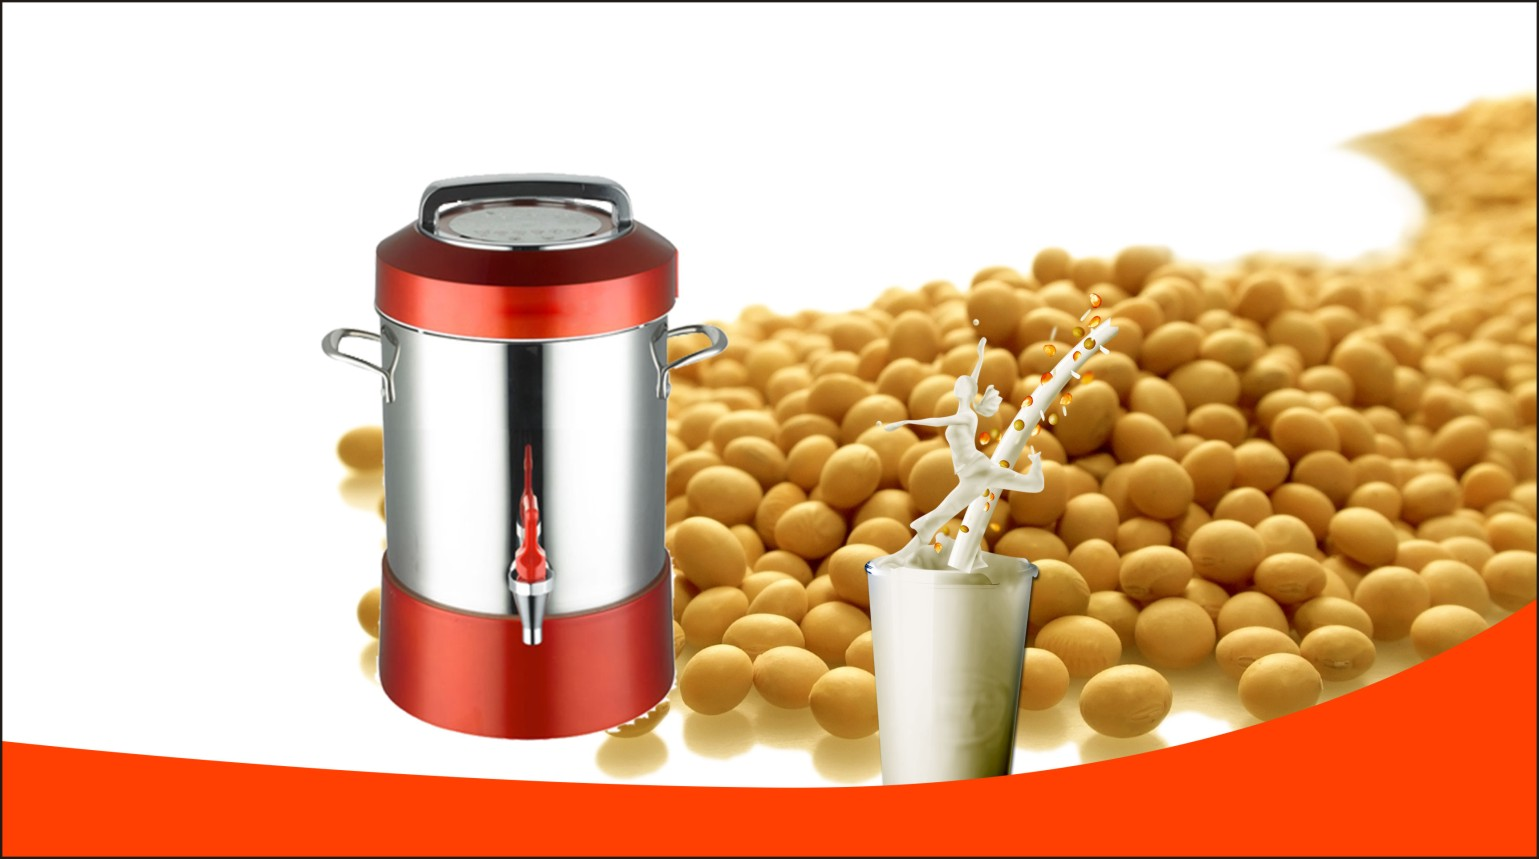 豆浆制作选择惠尔普斯小型商用豆浆机